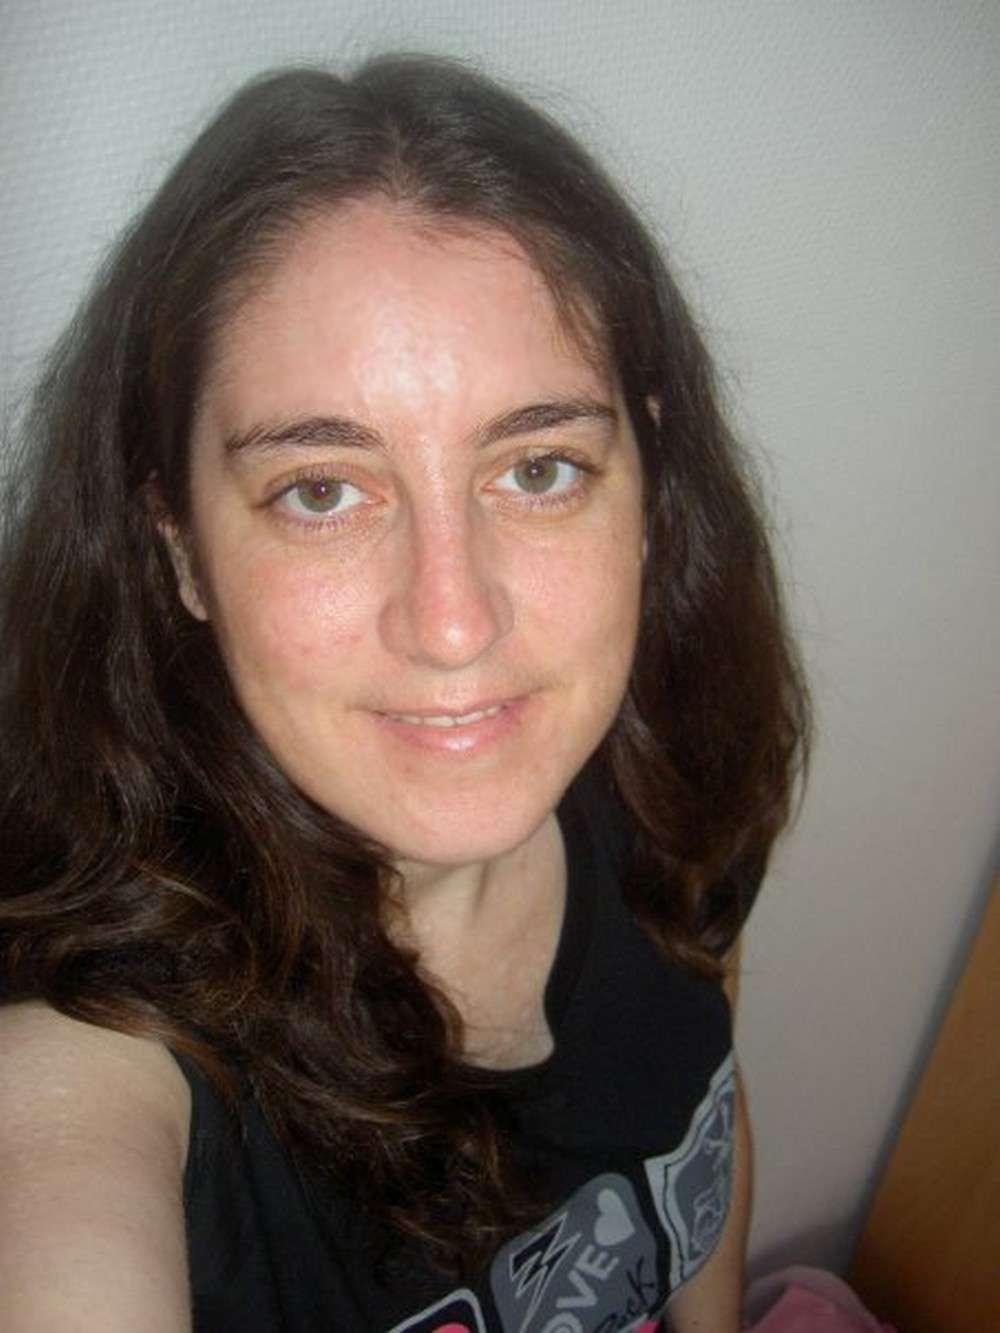 Photo identité Elise Beltz (Tiki)